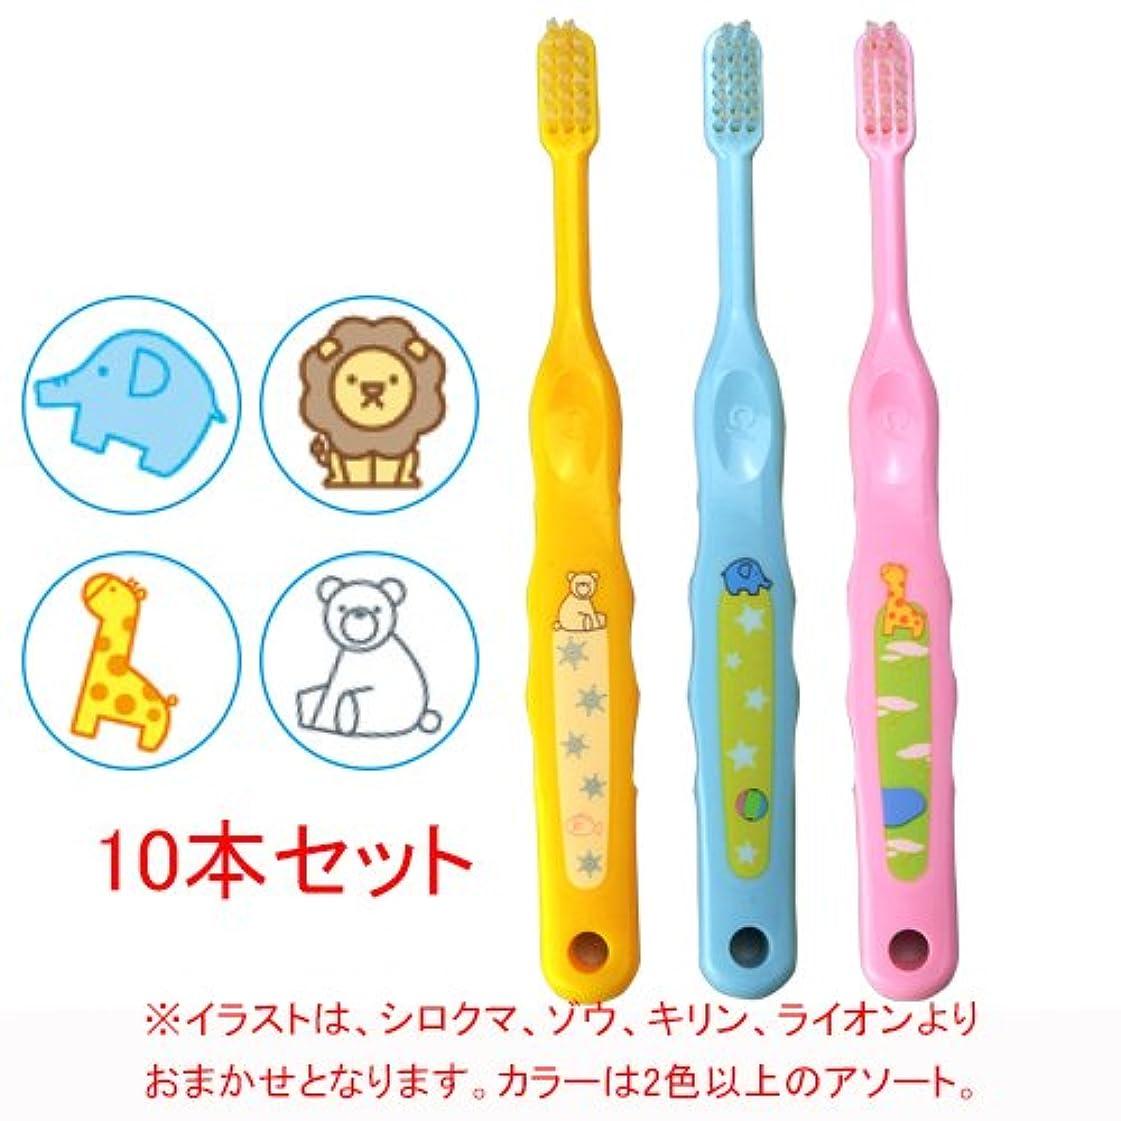 経過最大の発揮するCiメディカル Ci なまえ歯ブラシ 503 (やわらかめ) (乳児~小学生向)10本